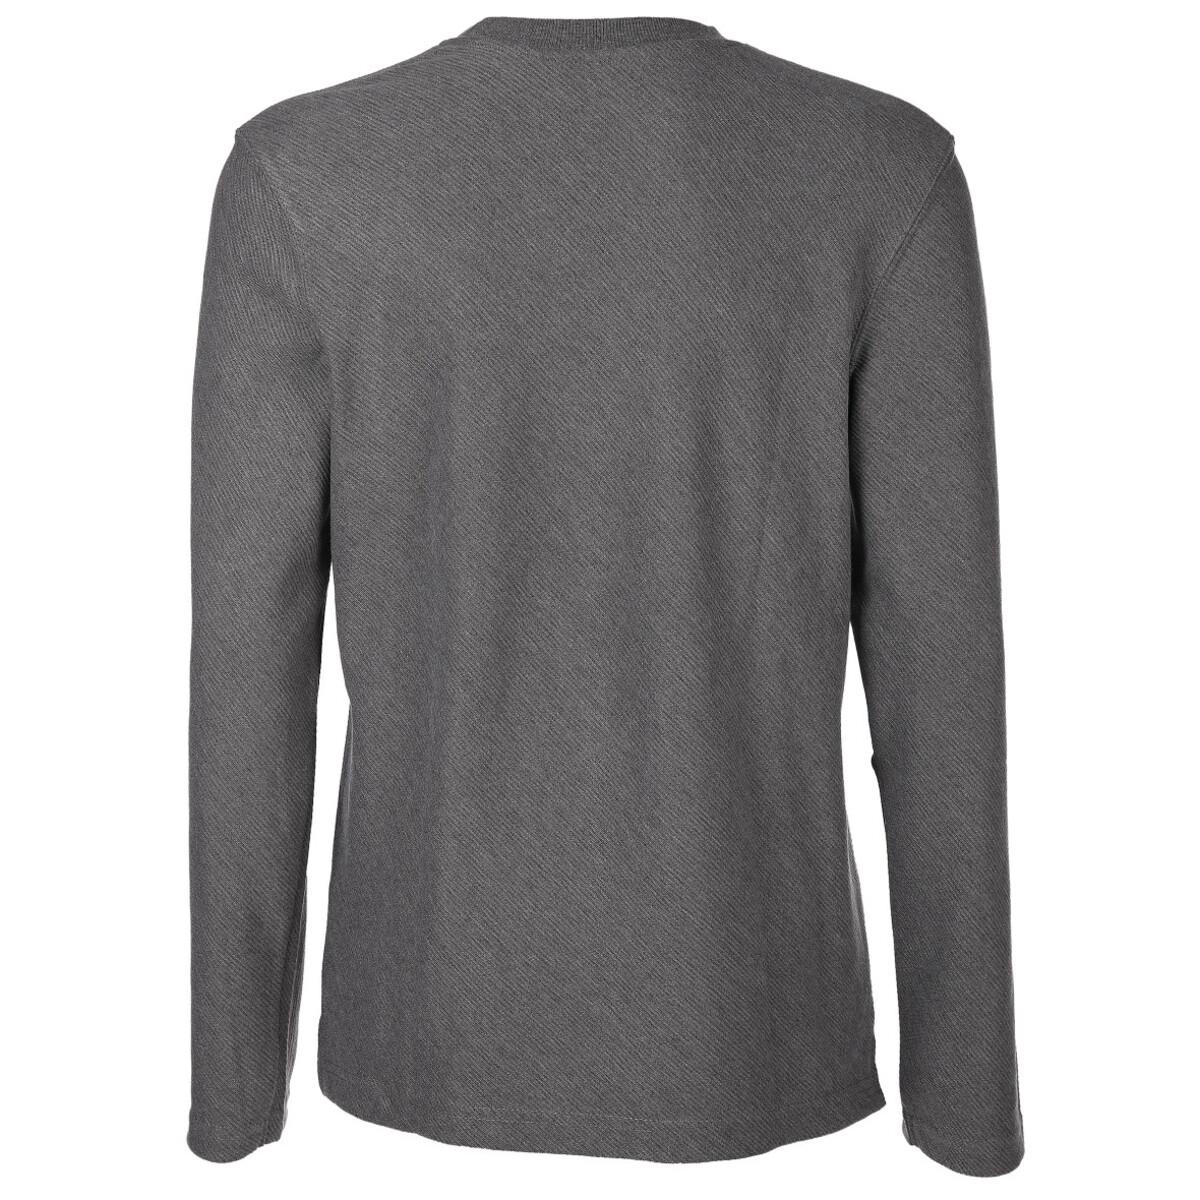 Bild 2 von Herren Sweatshirt in schräger Webstruktur